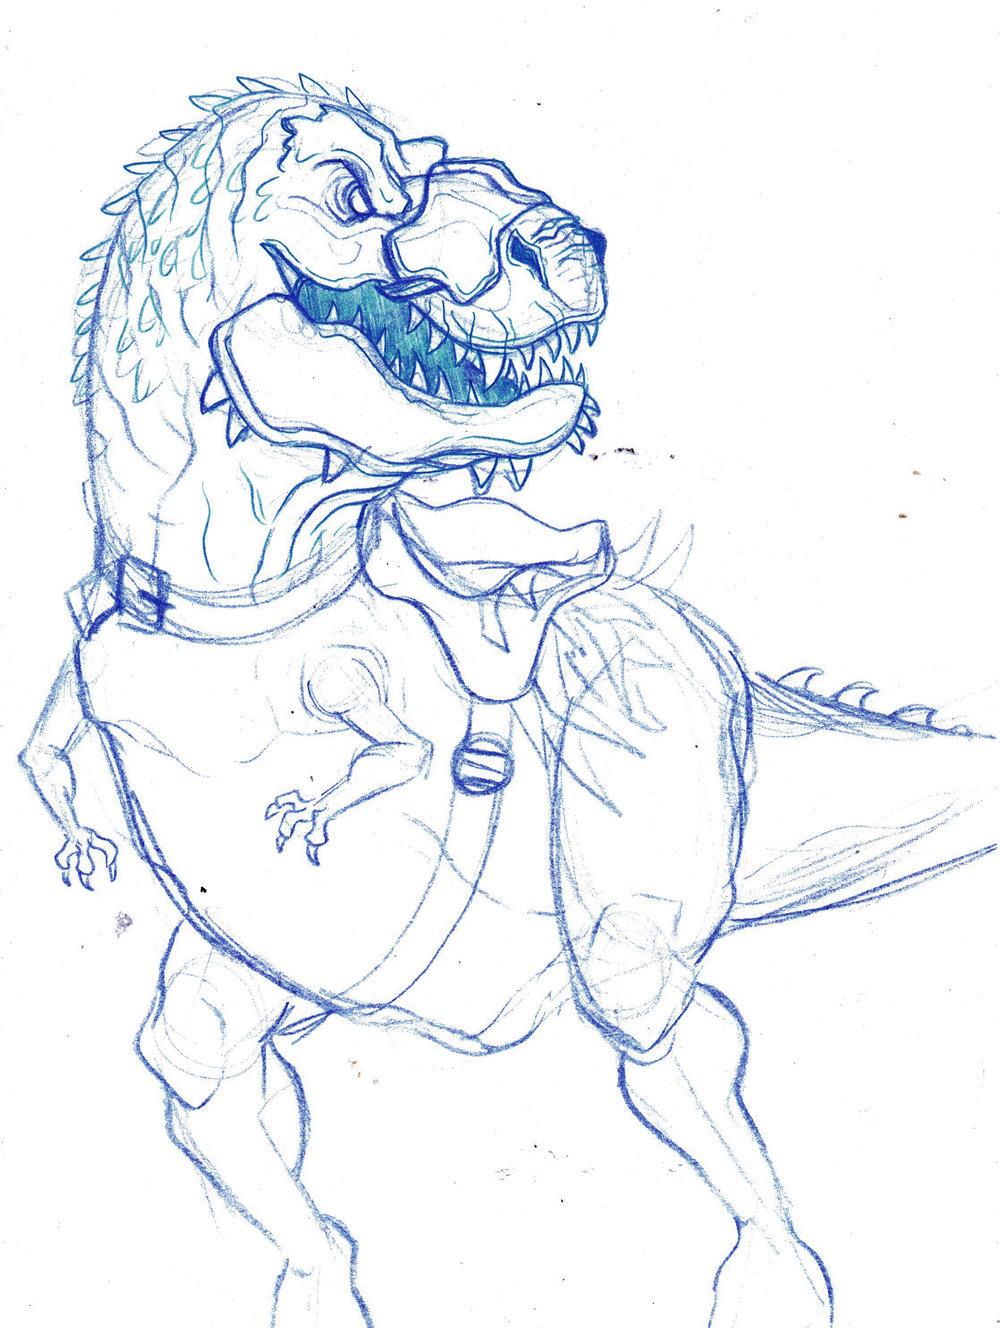 Dino_knight_dinosaur_3.jpg